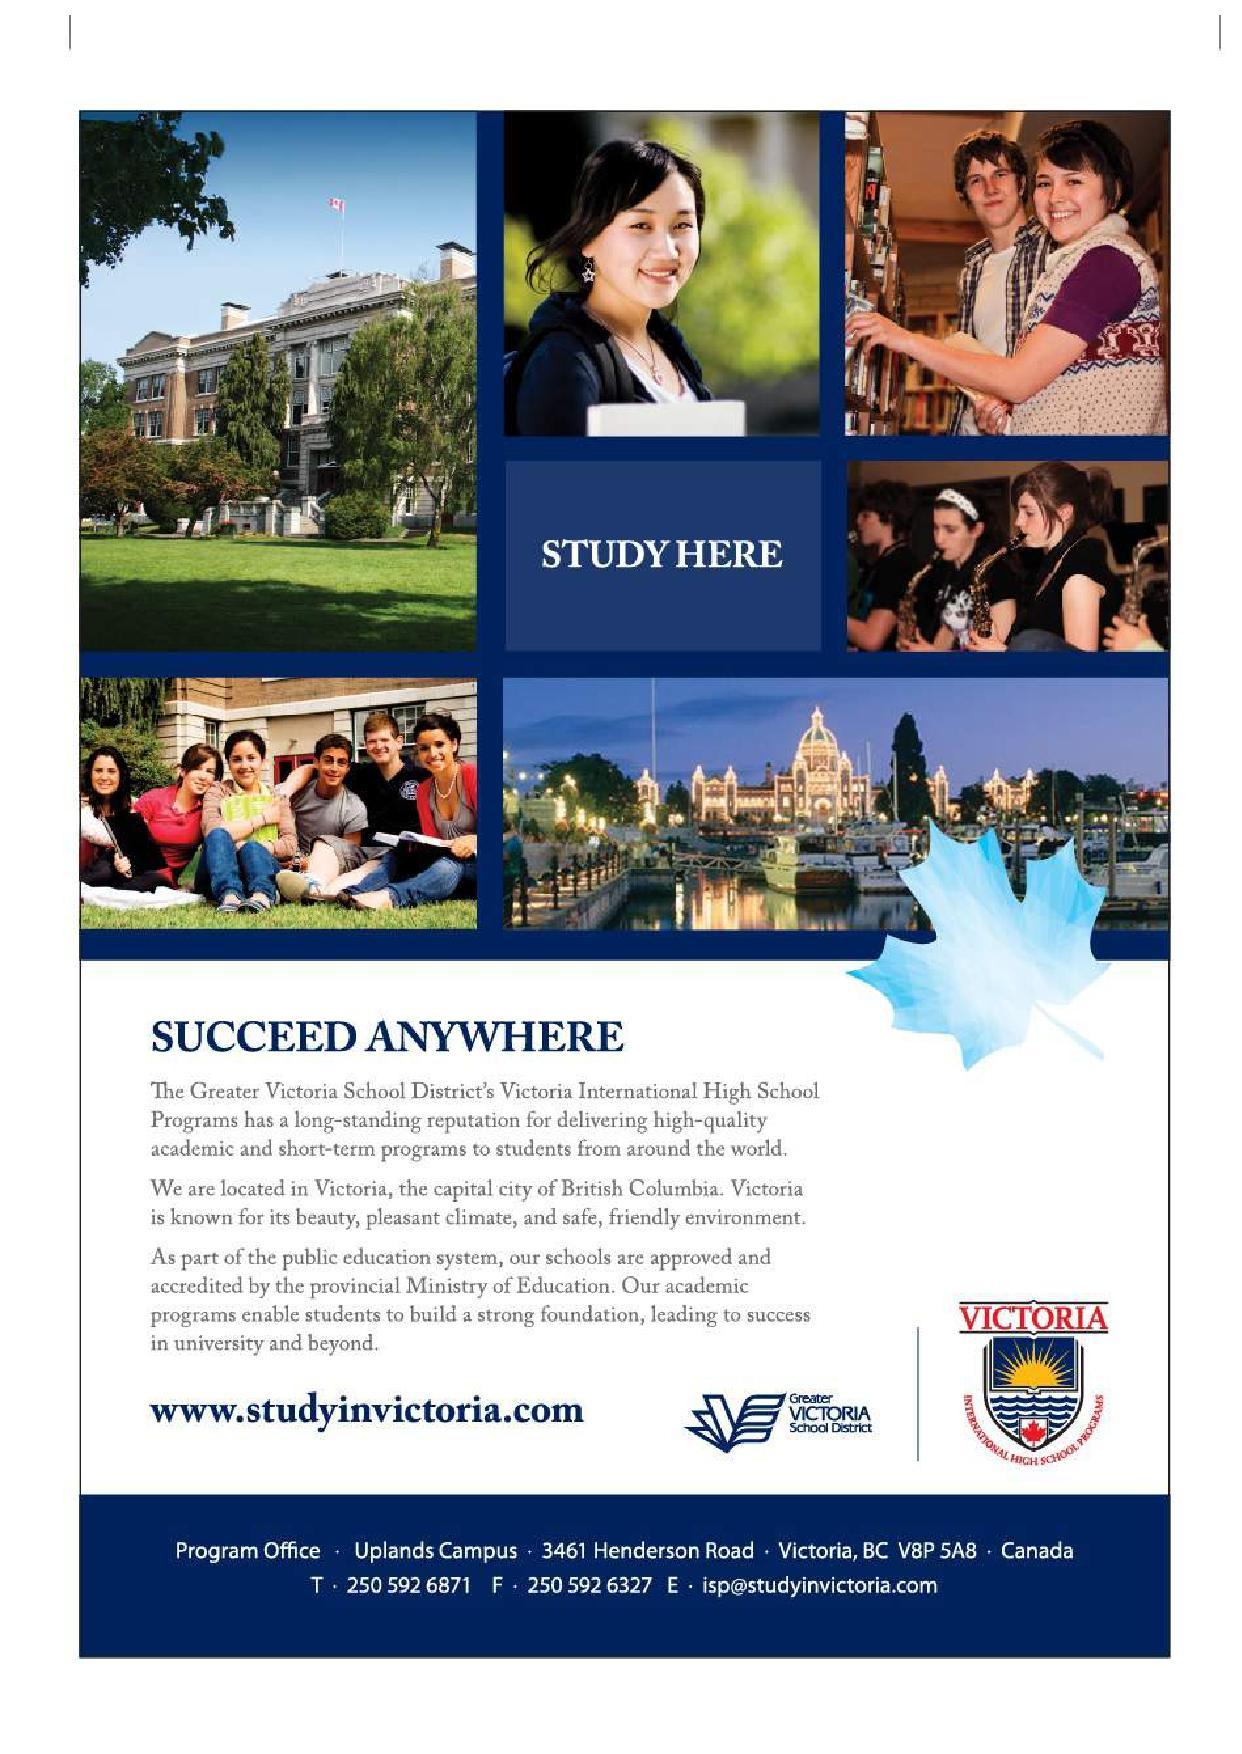 2014 加拿大教育指南 - 022